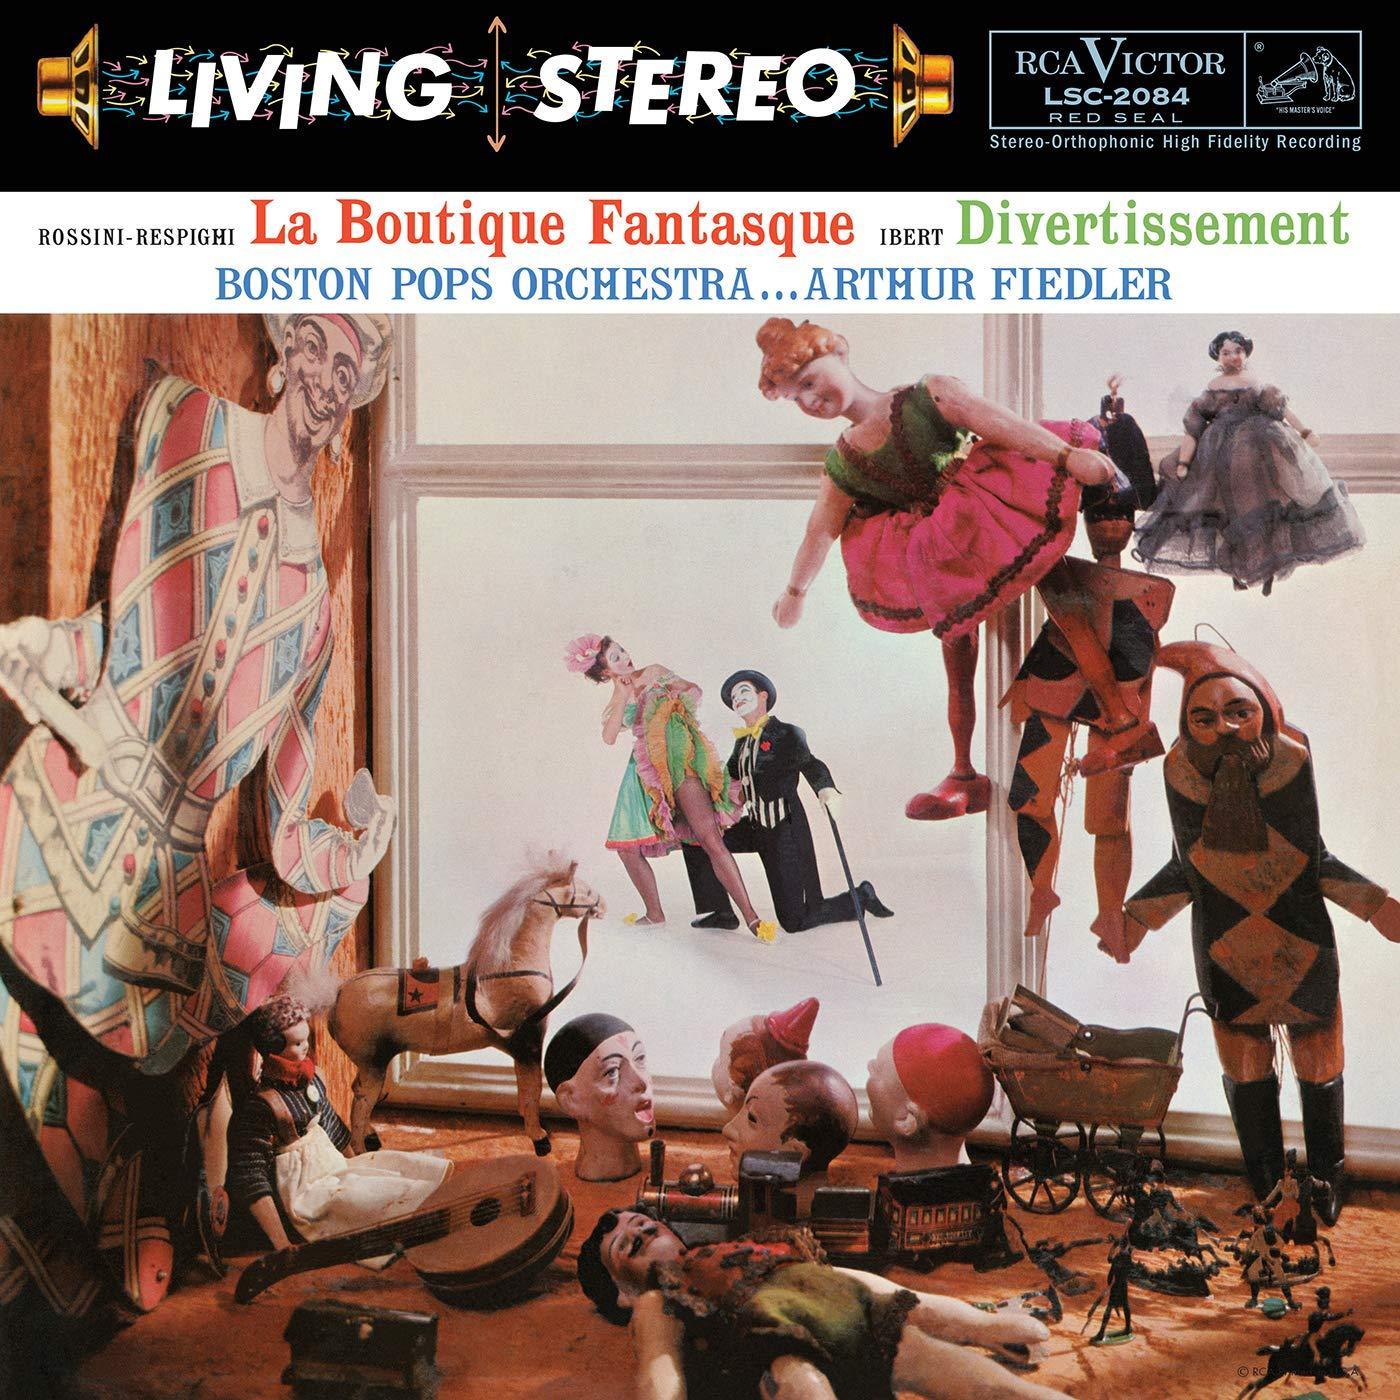 Arthur Fiedler - Rossini-Respighi - La Boutique Fantasque & Ibert - Divertissement All-Analog